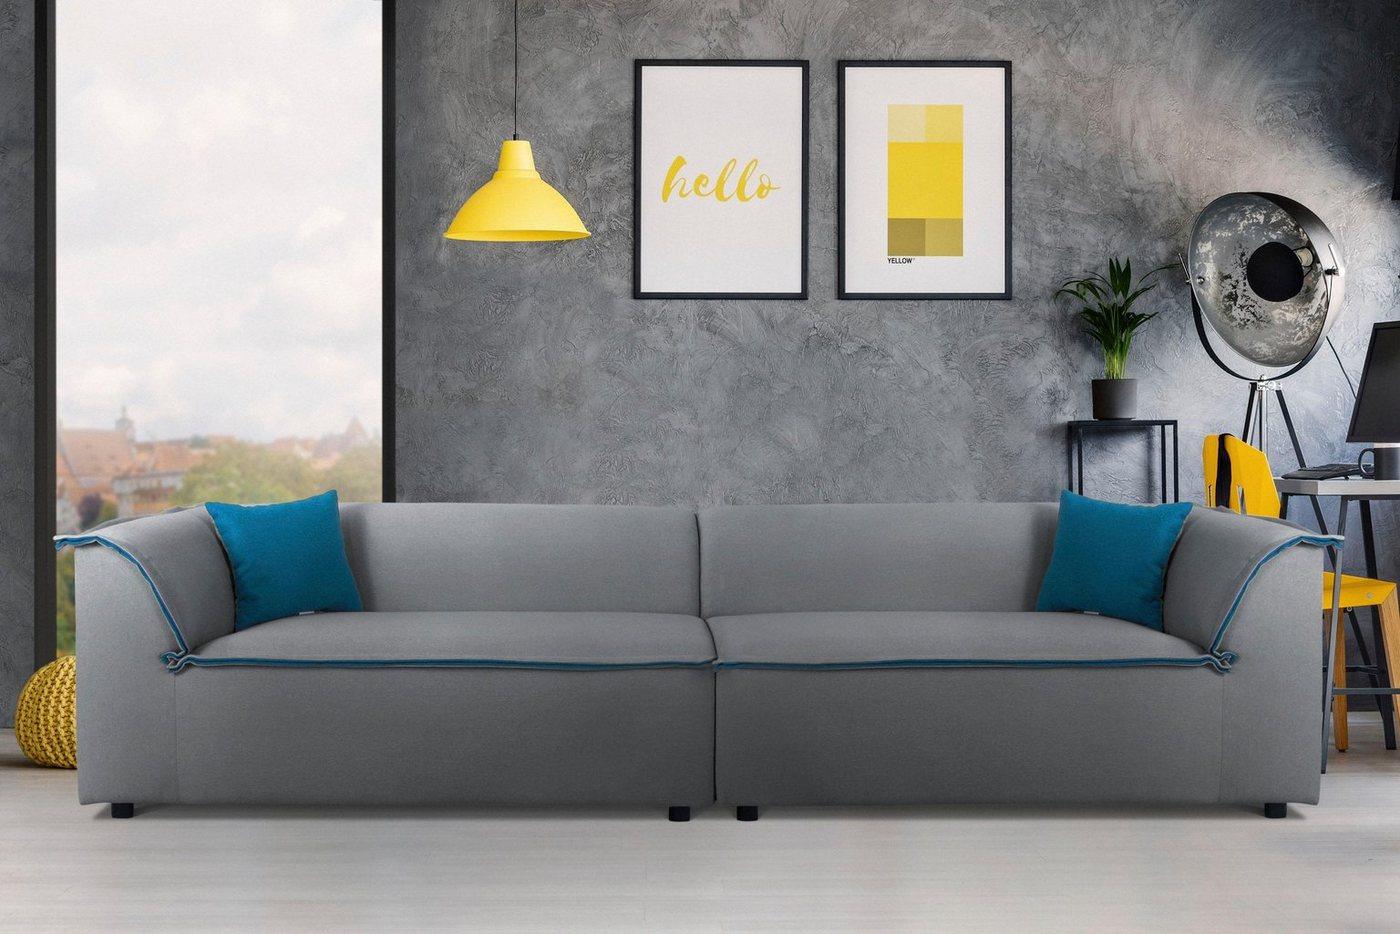 INOSIGN Big-Sofa »Porto«, mit großem Keder, der innen farblich abgesetzt ist, in 2 Bezugsqualitäten und vielen Farben | Wohnzimmer > Sofas & Couches > Bigsofas | Grau | Holzwerkstoff | INOSIGN